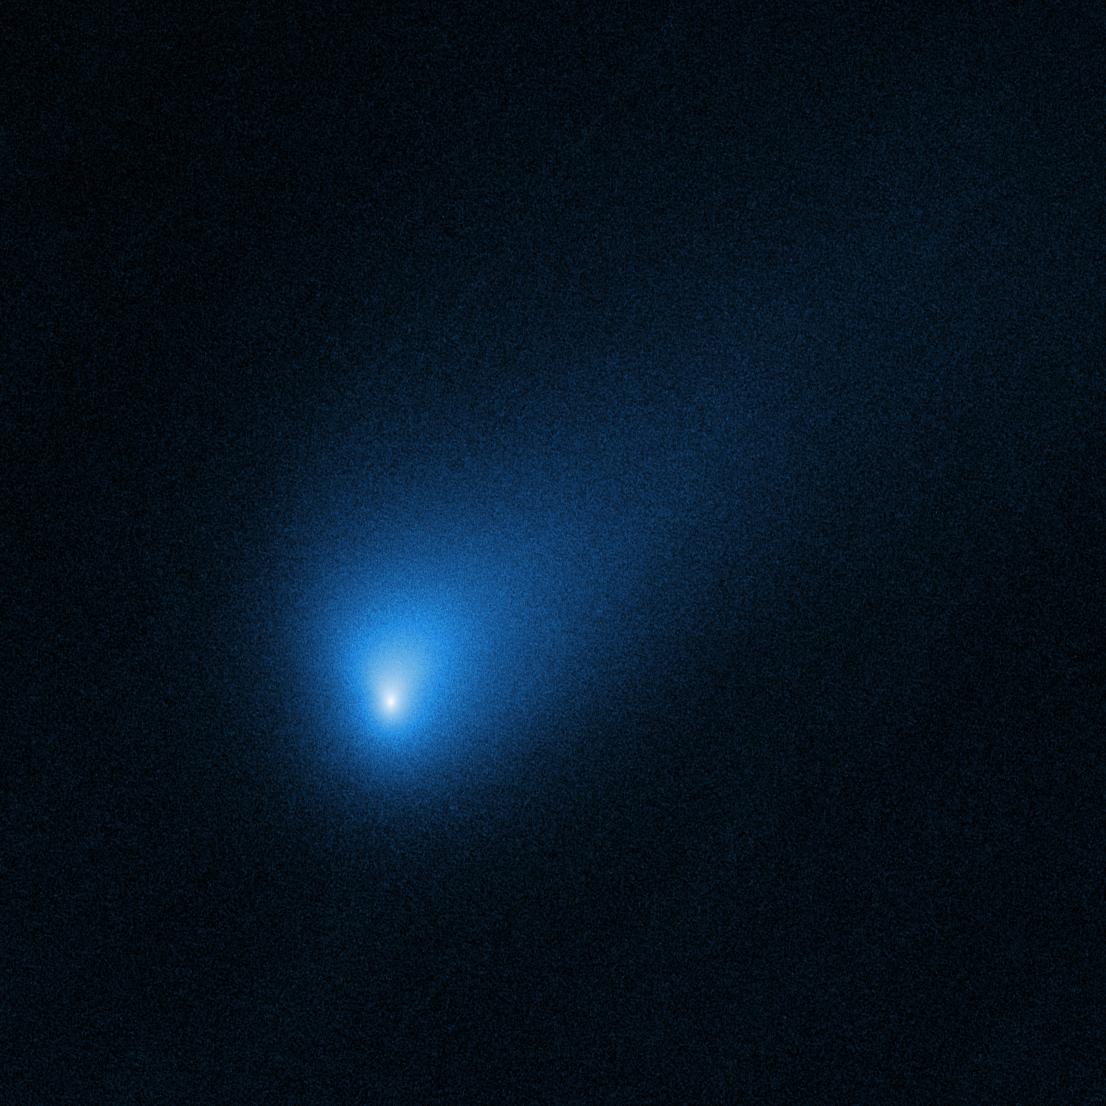 Телескоп Хаббл сделал снимок первой межзвездной кометы.Вокруг Света. Украина